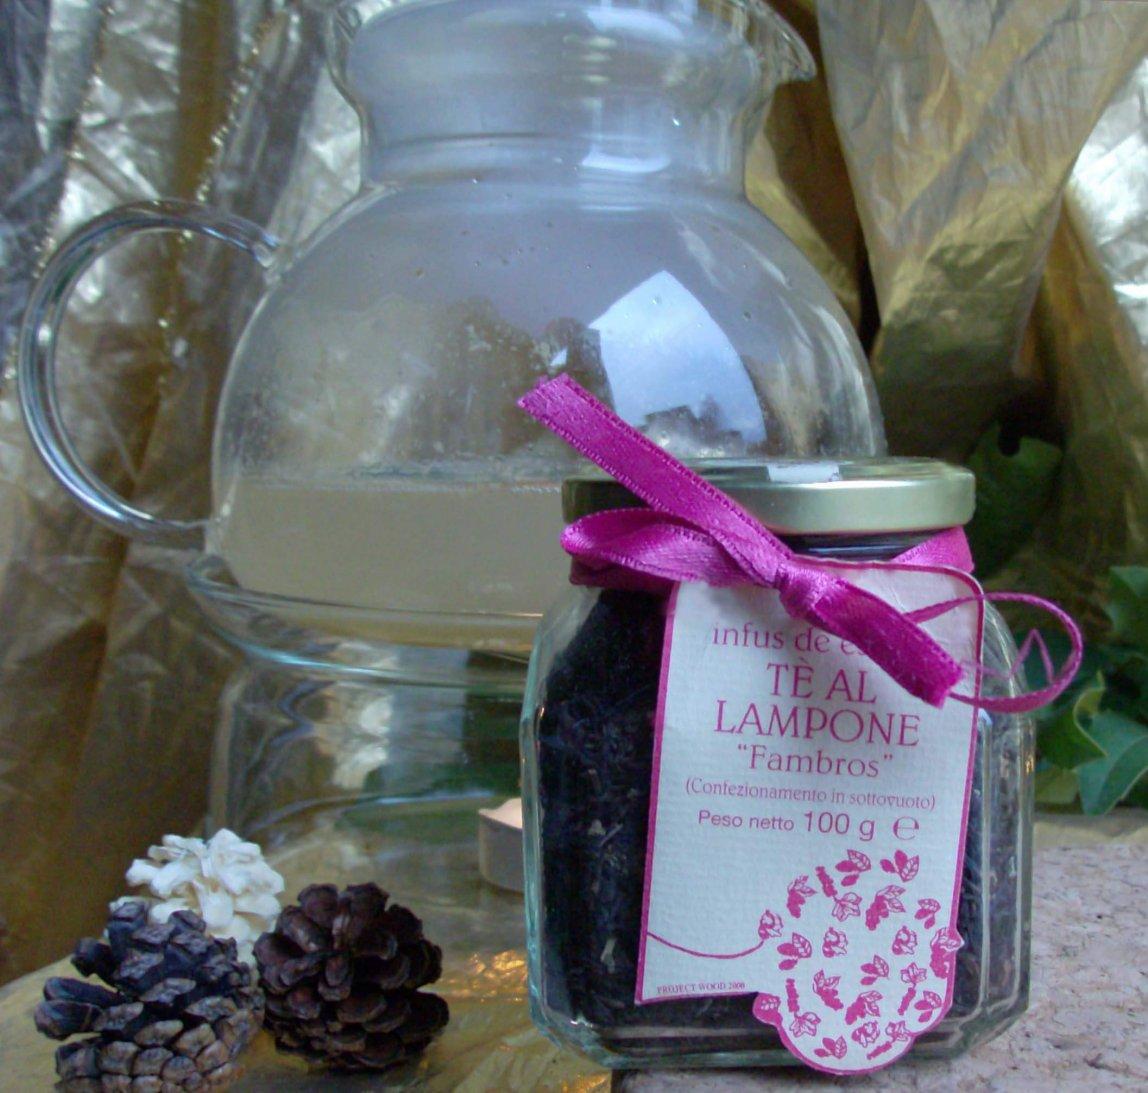 TE' & LAMPONE 6.00€...Ottimo caldo e freddo, dal sapore aromotico ed intenso; bevande fantasia...Golosità naturale